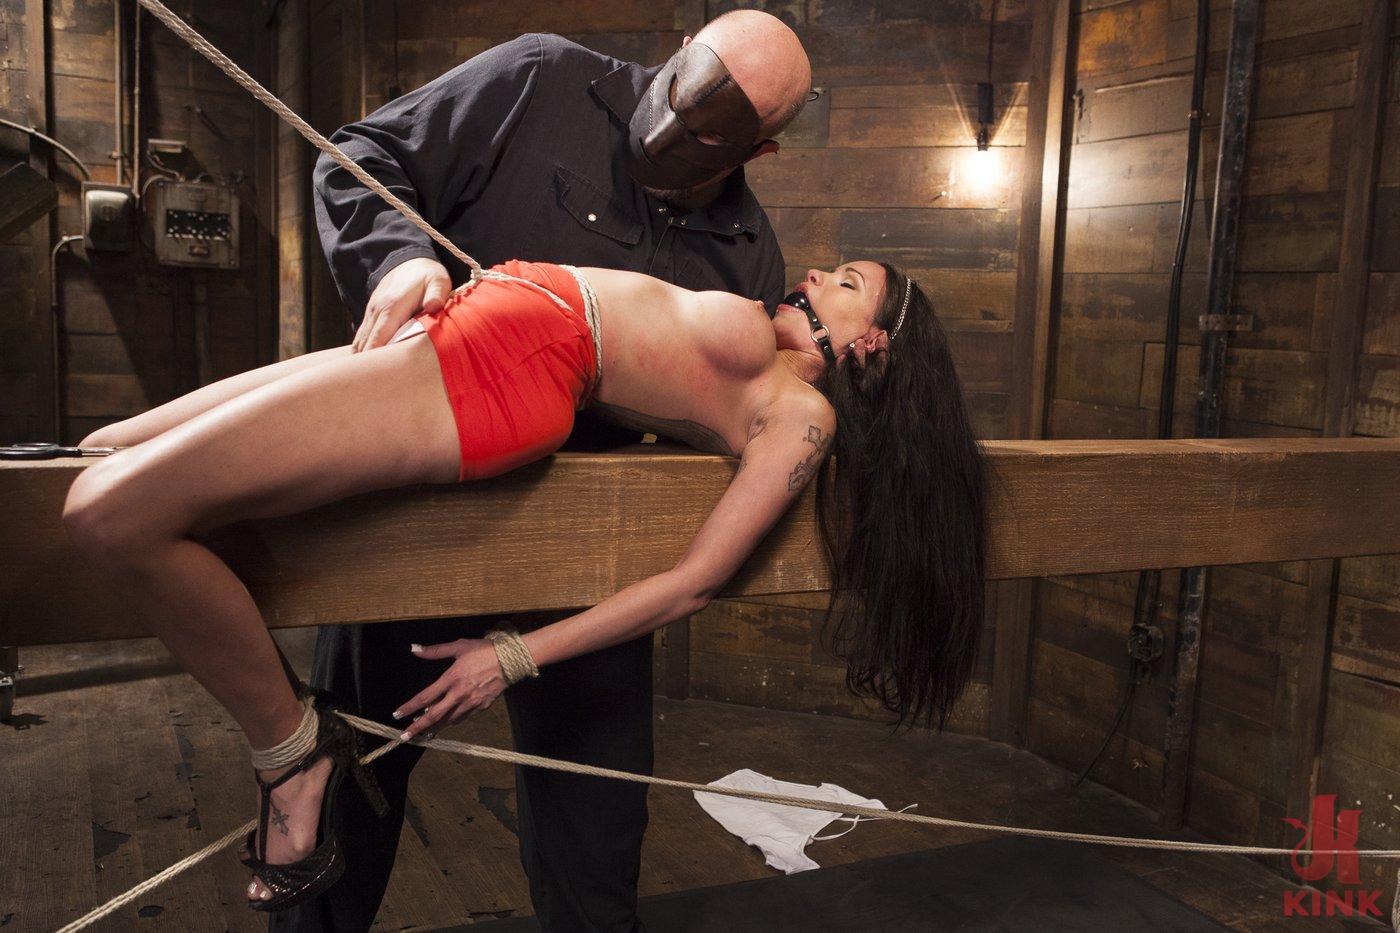 Photo number 3 from Big tit Brunette caught in brutal bondage. shot for Hogtied on Kink.com. Featuring Sgt. Major and Raven Bay in hardcore BDSM & Fetish porn.